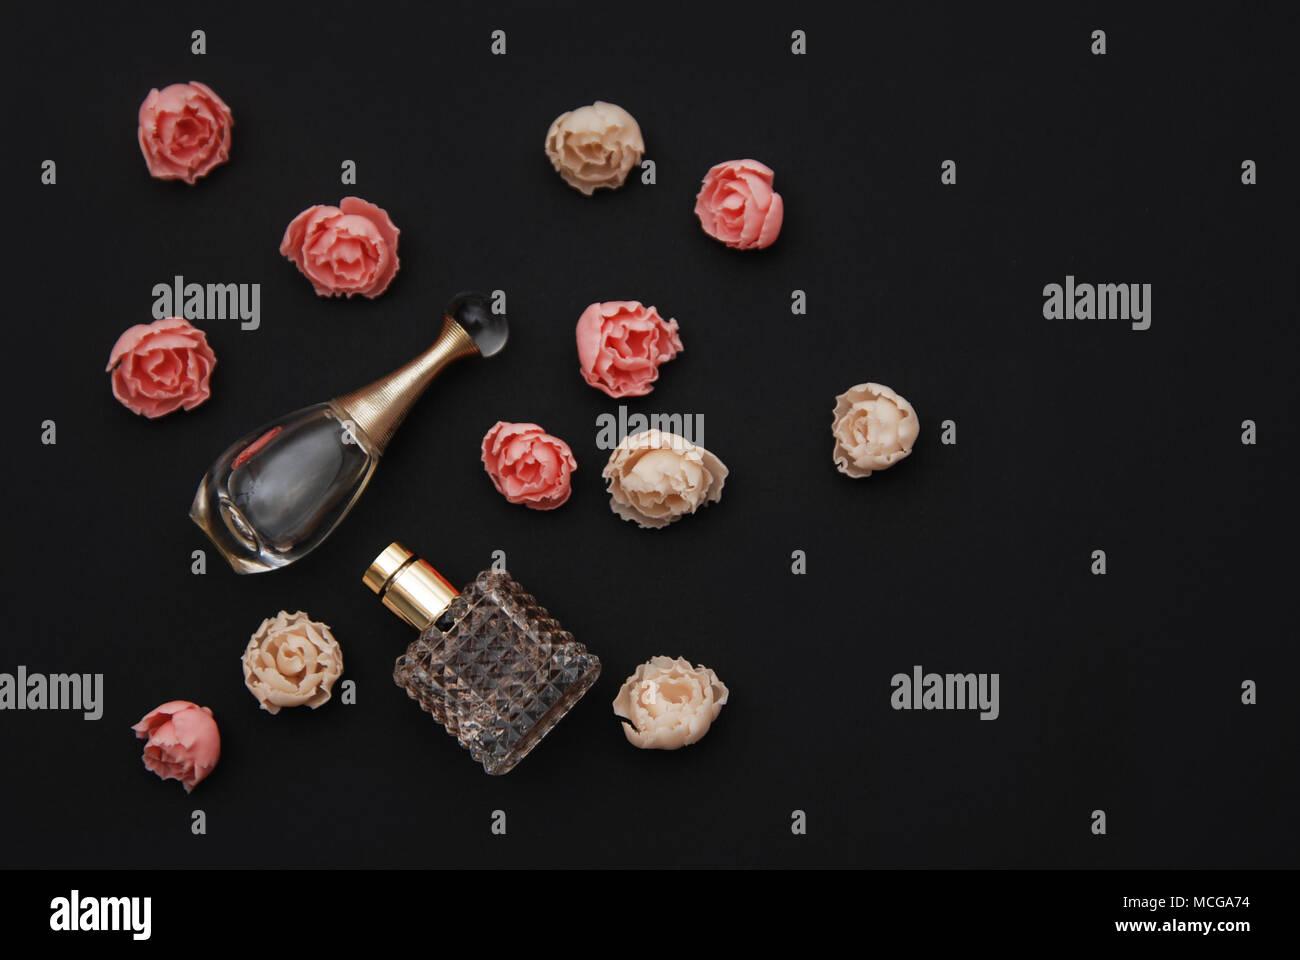 Fake Perfume Stock Photos & Fake Perfume Stock Images - Alamy